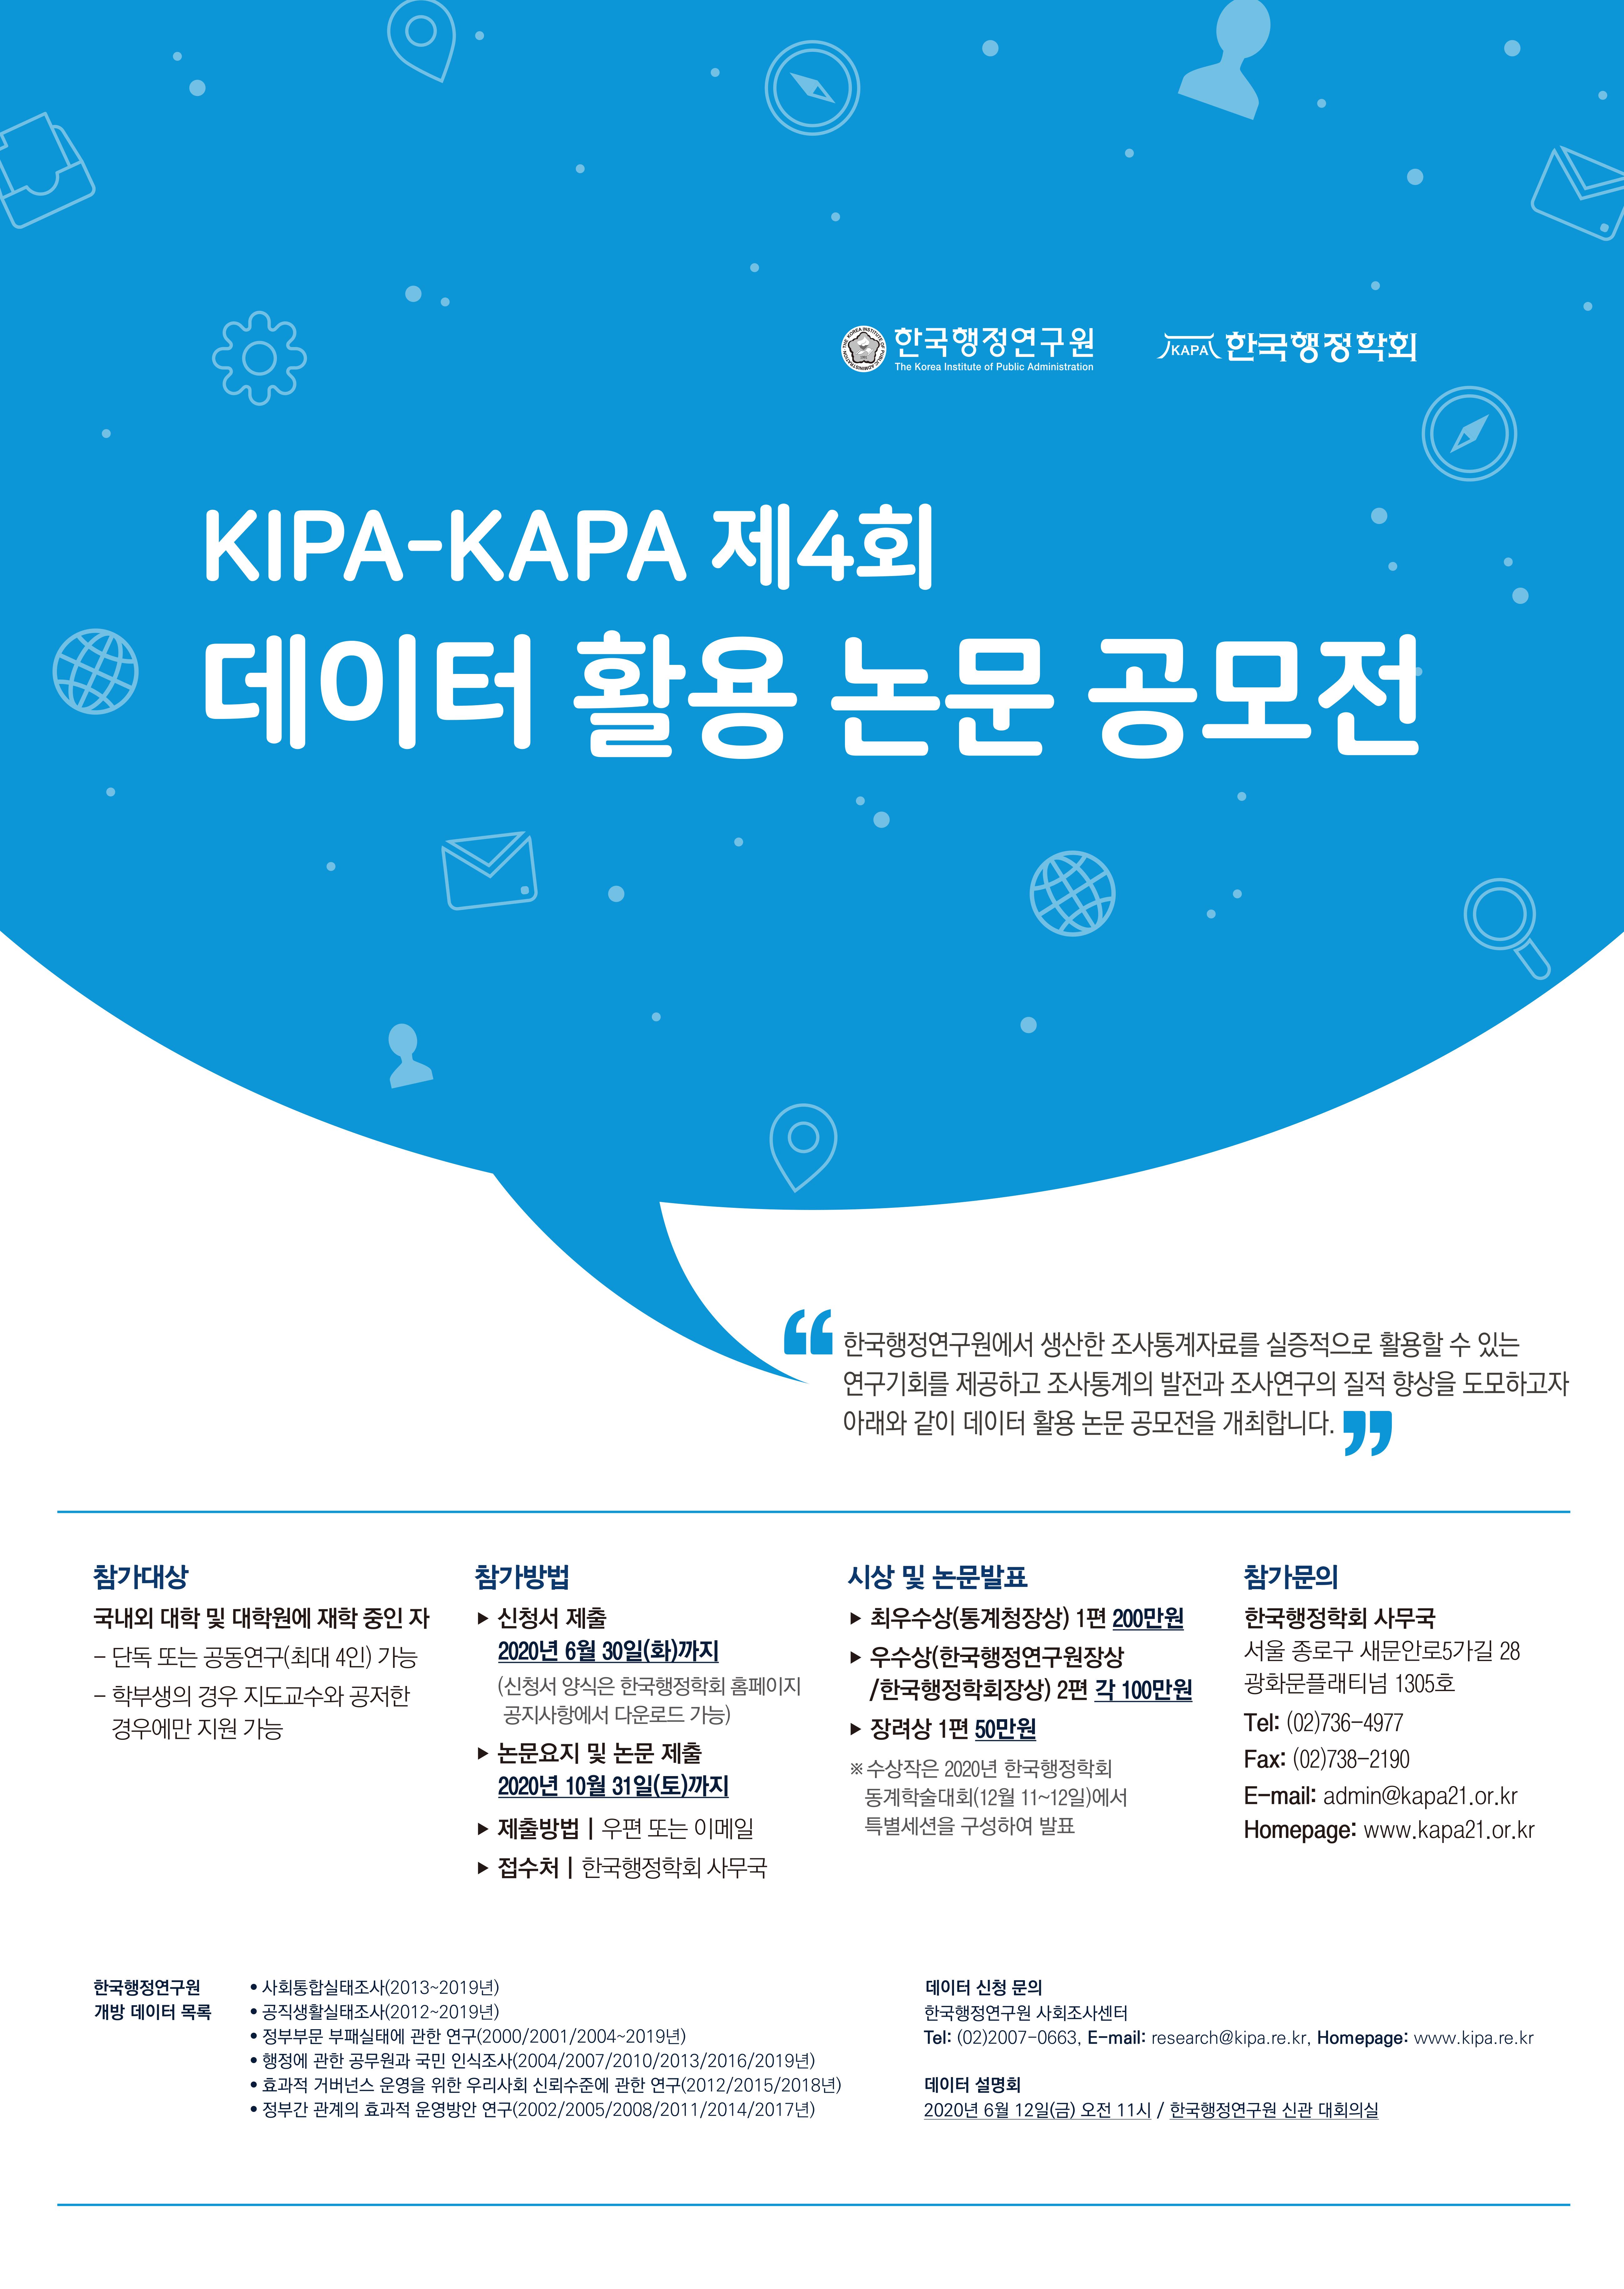 포스터-KIPA-KAPA(제4회)_0401.jpg